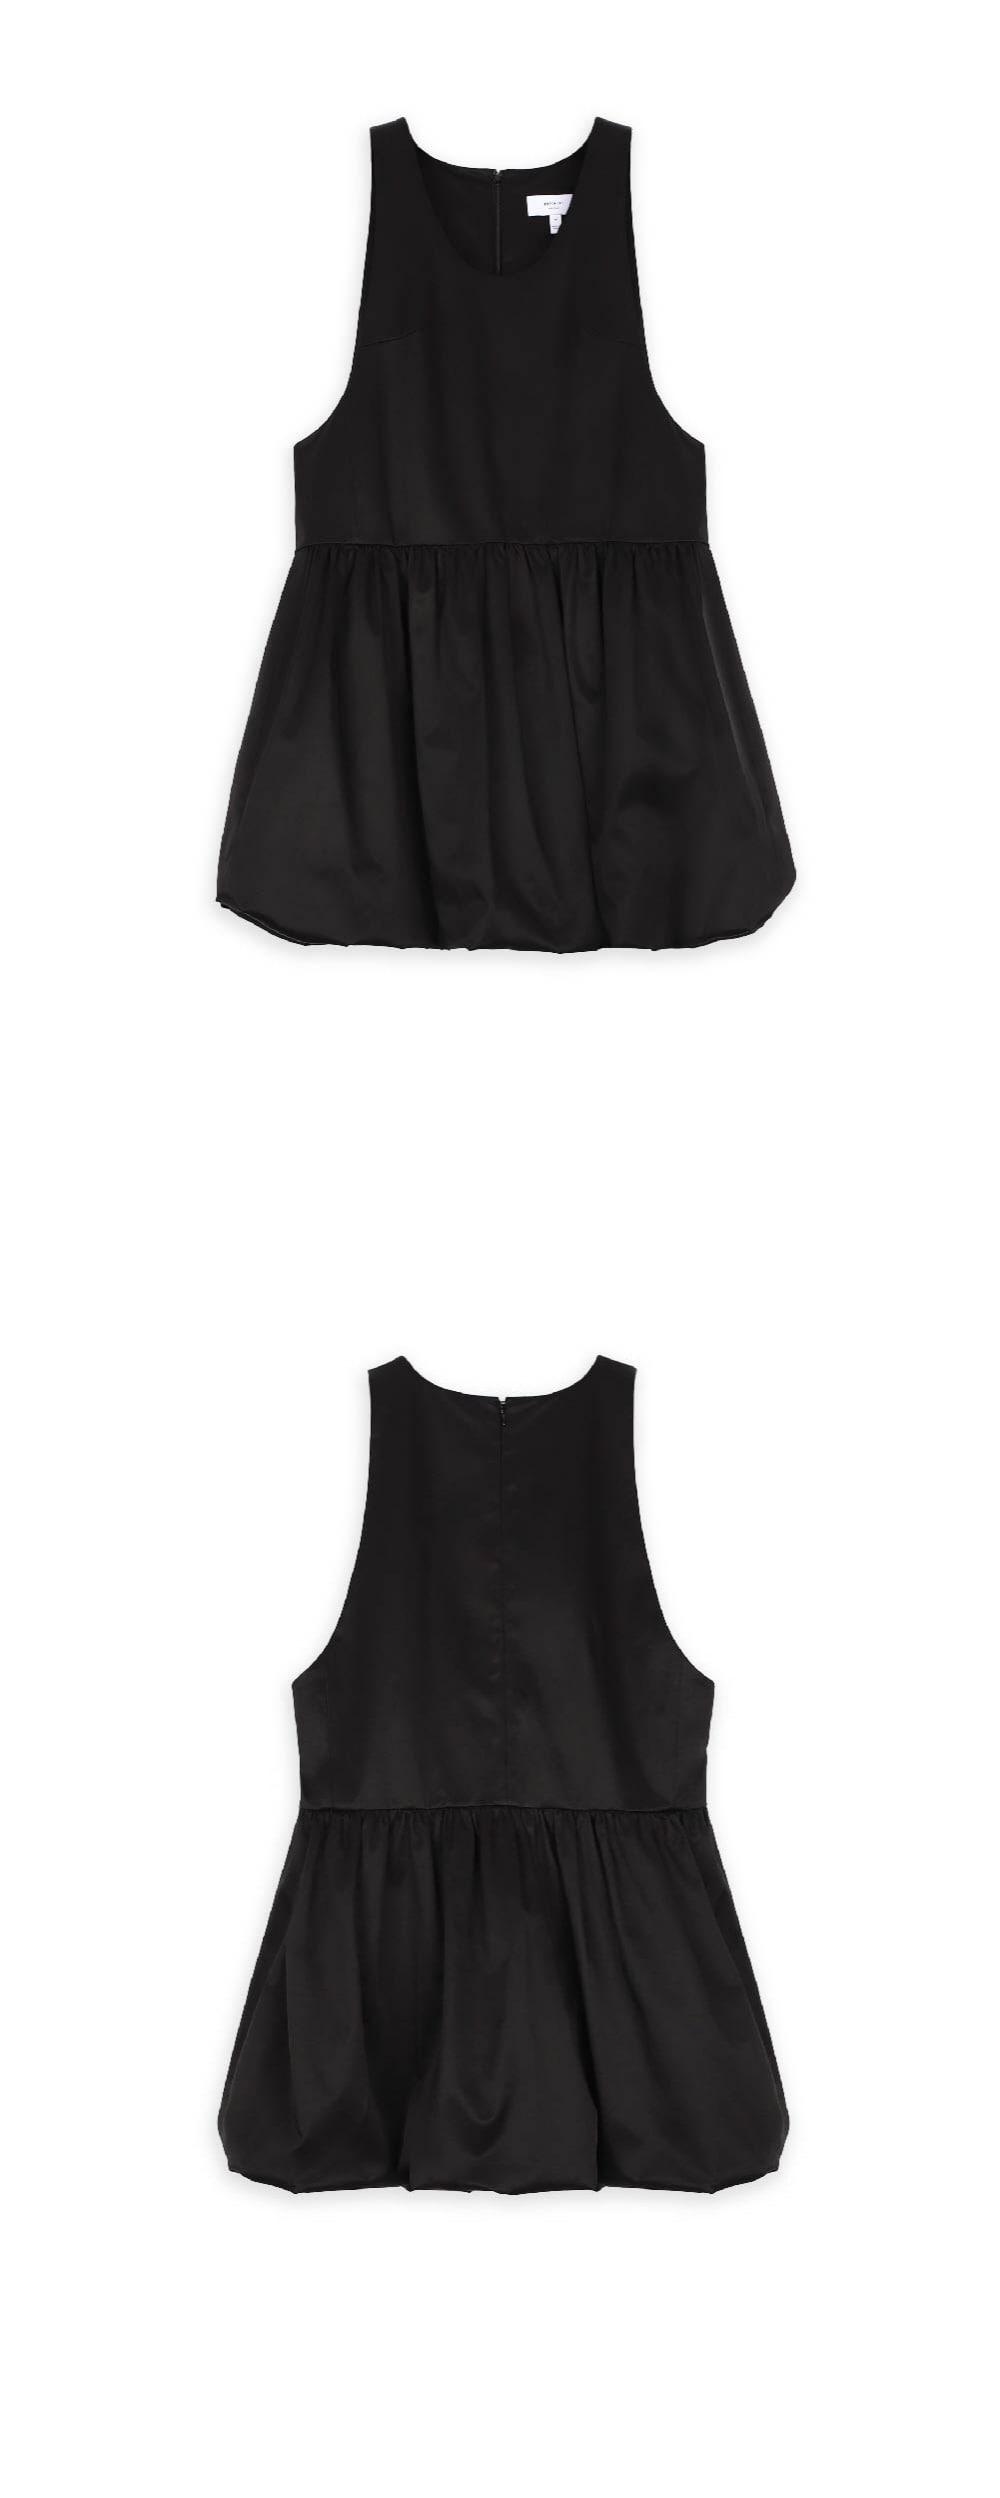 워브먼트(WOVEMENT) 벌룬 햄라인 턱스 드레스 블랙